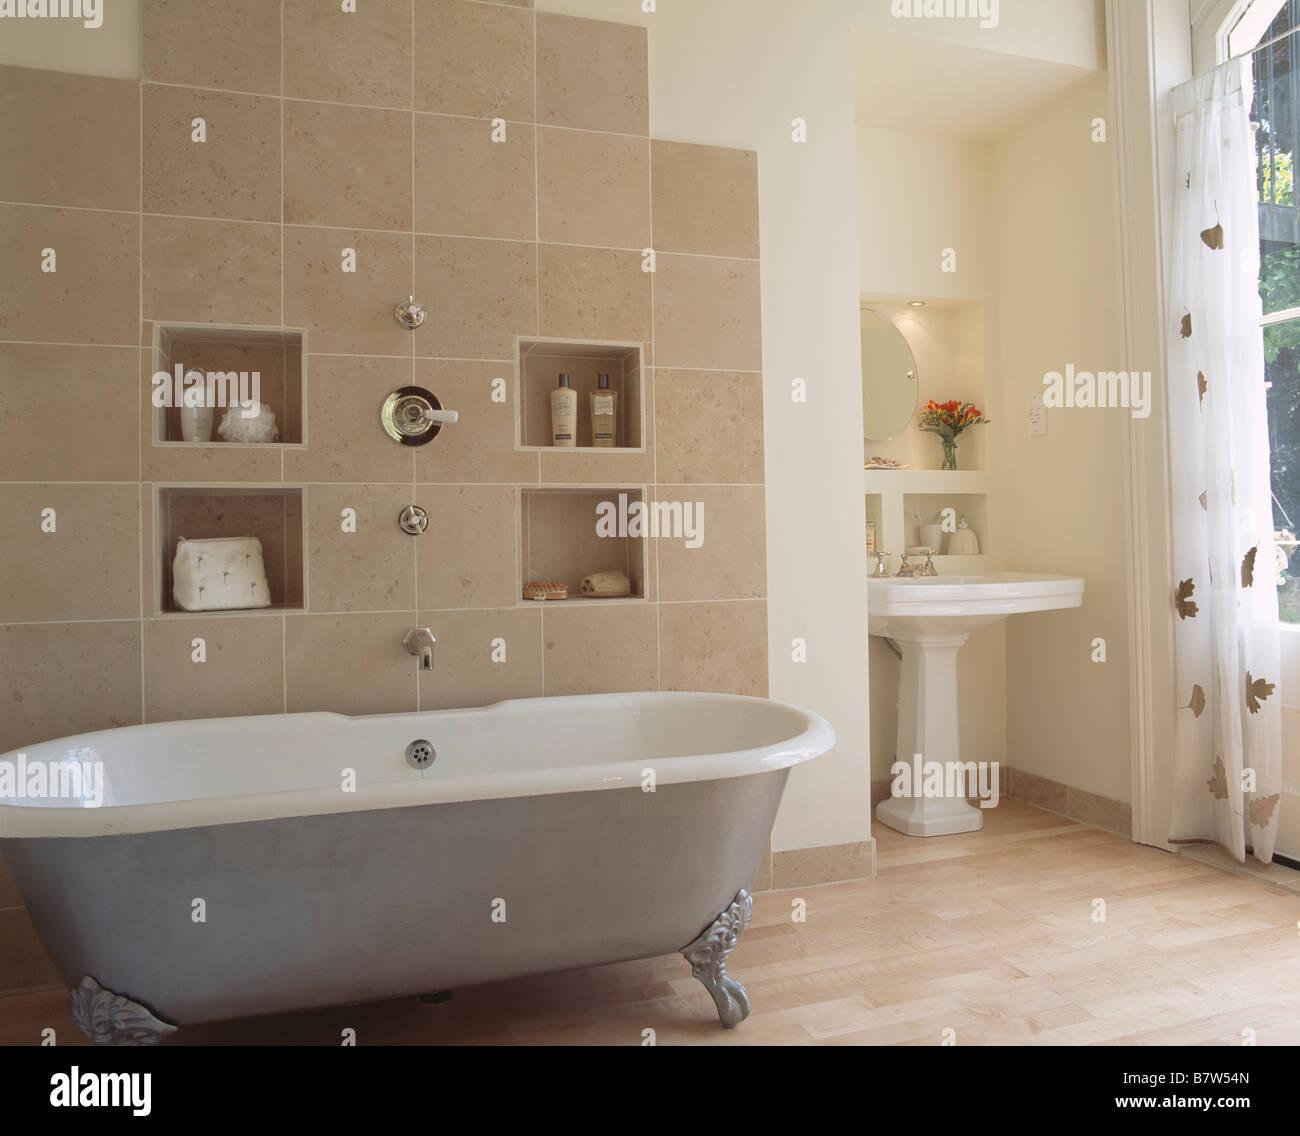 Alkoven die regale auf beige geflieste wand hinter - Geflieste badewanne ...